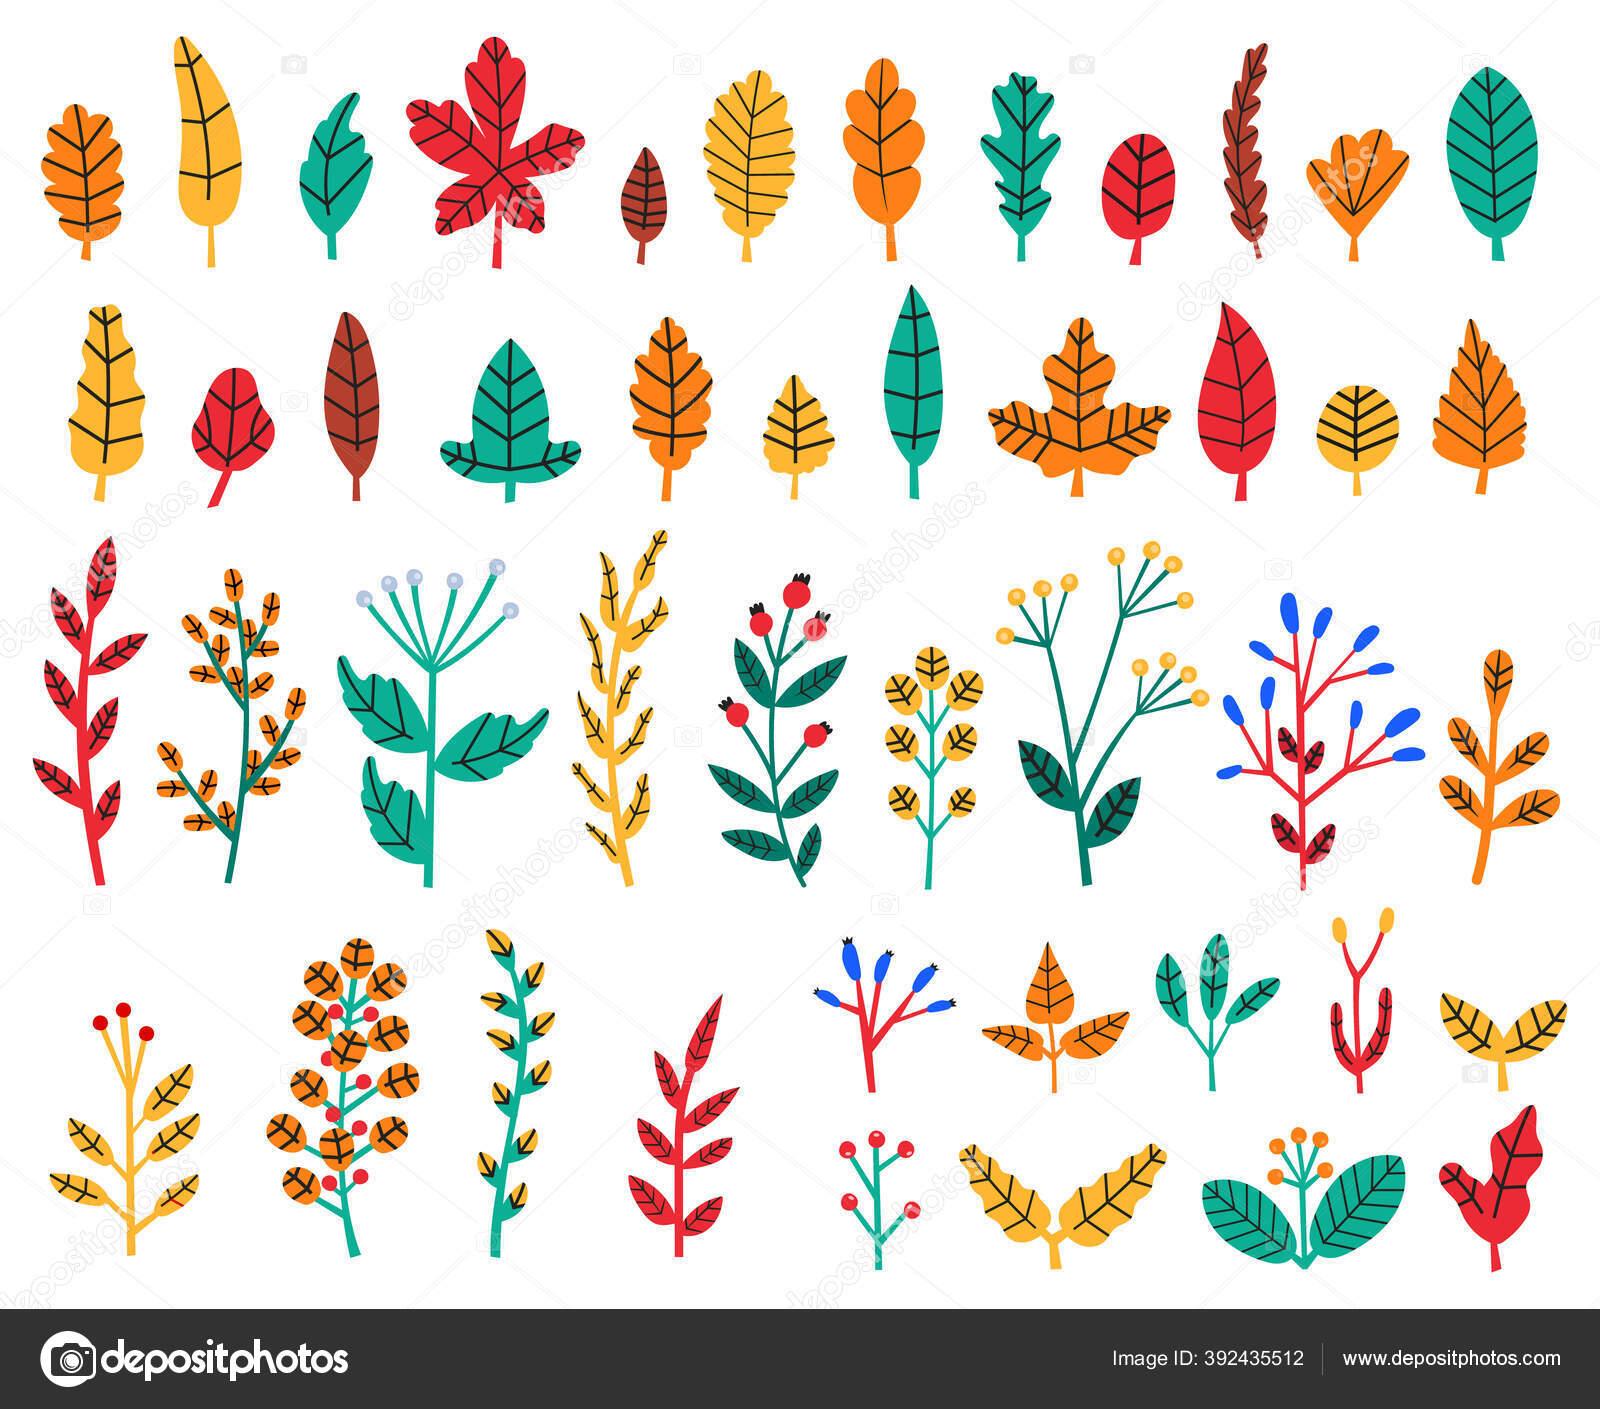 Gambar Ilustrasi Tanaman Bunga Daun Musim Gugur Dedaunan Hutan Gugur Dan Buah Beri Tanaman